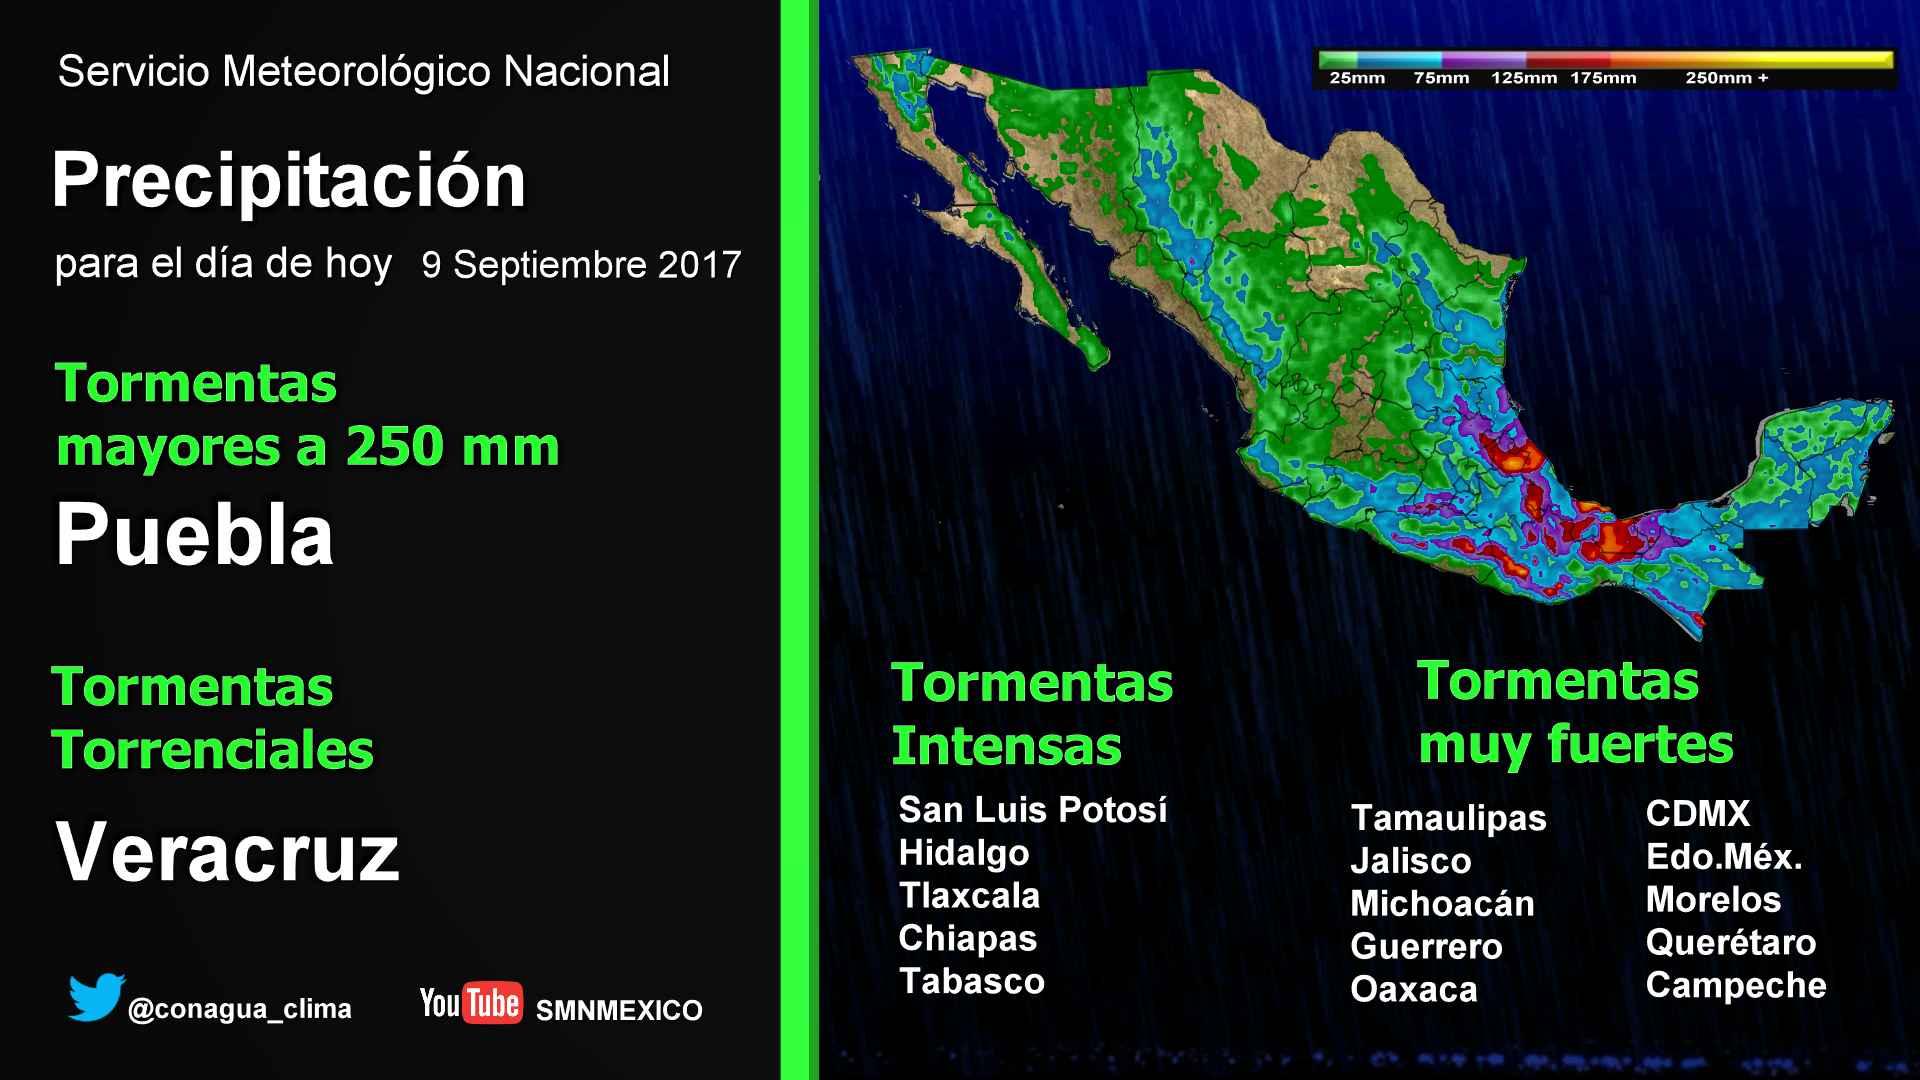 Se pronostican tormentas intensas en Puebla, Veracruz, Oaxaca, San Luis Potosí, Chiapas y Tabasco